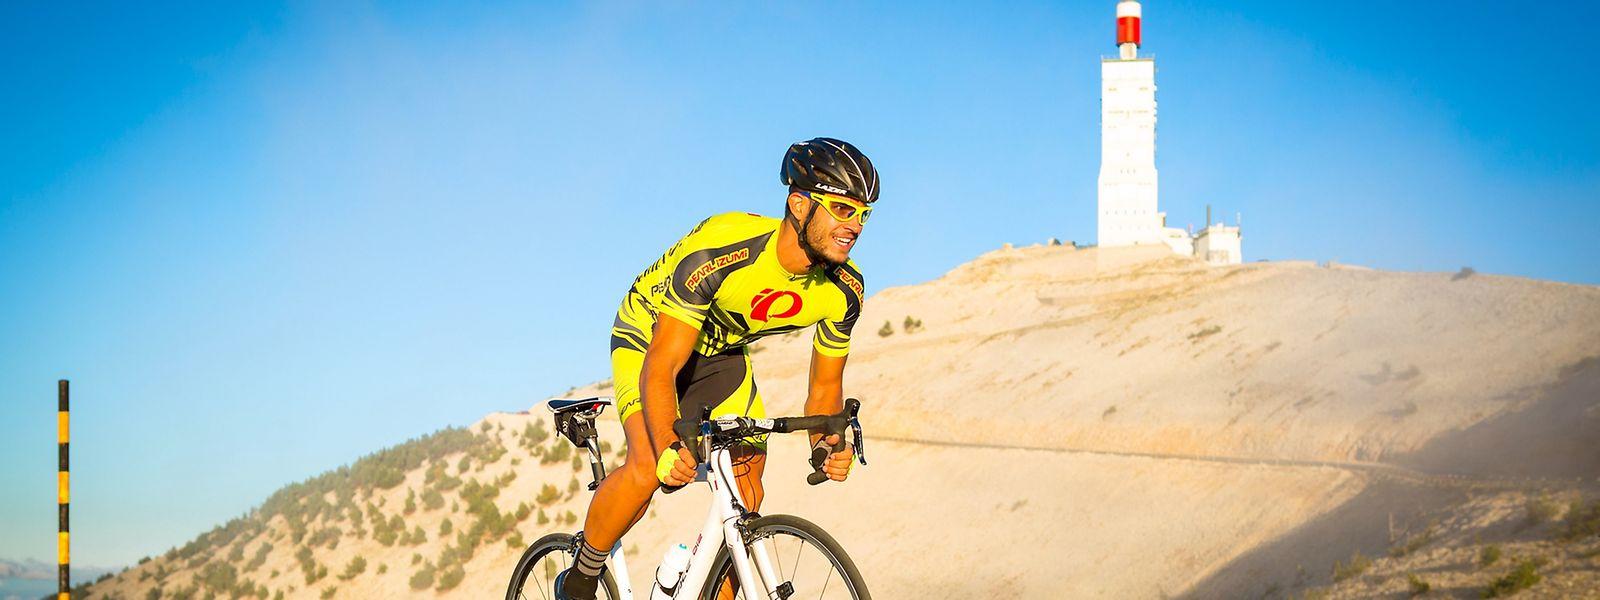 Für viele Rennradfahrer ist die Seitenzugbremse erste Wahl, doch auch hier ist die Scheibenbremse im Kommen.